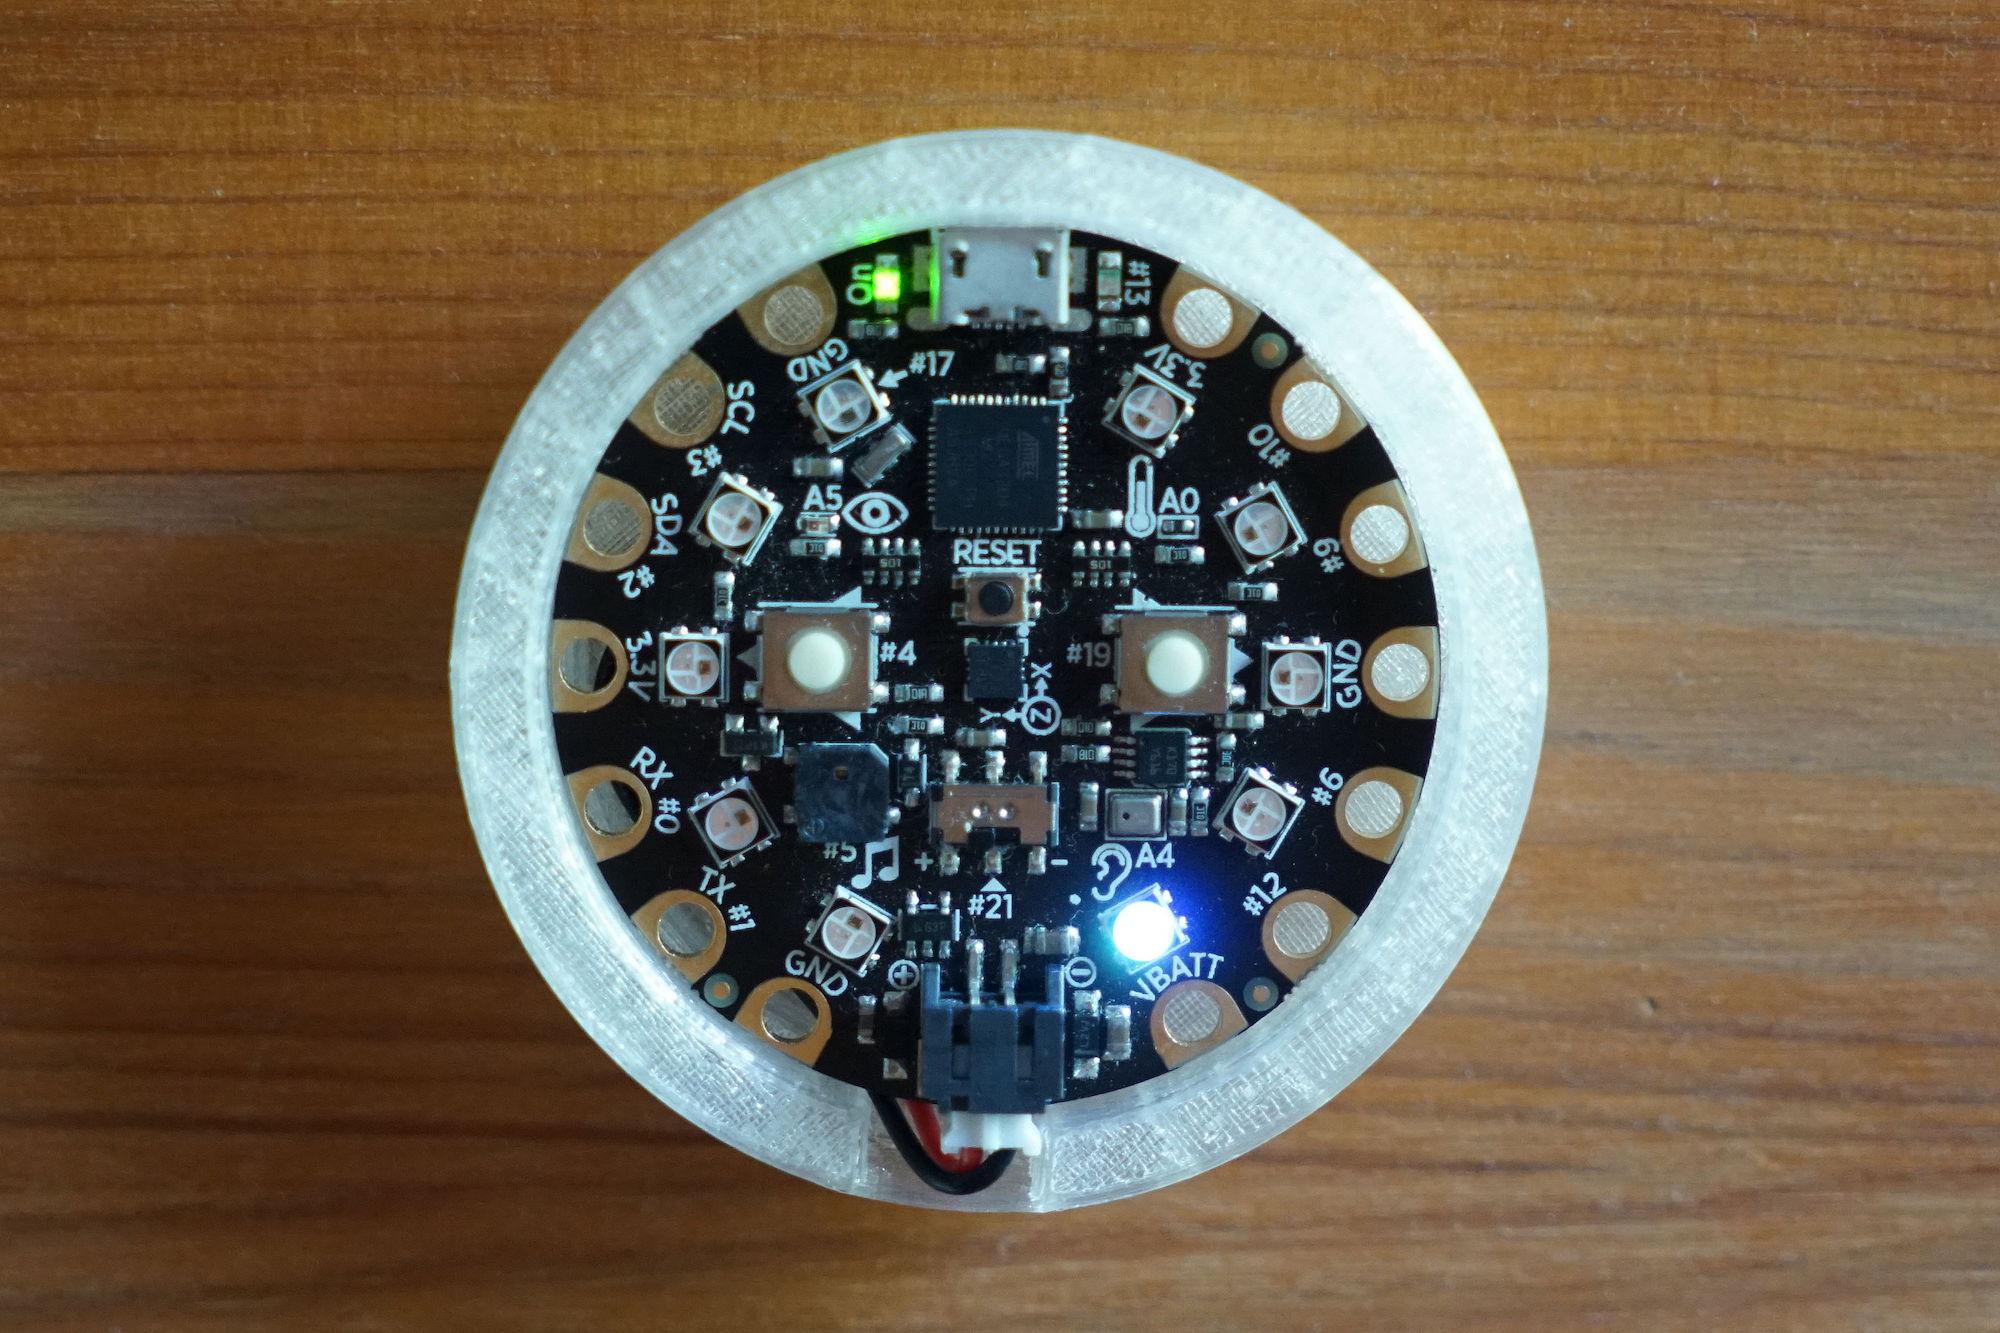 Bewegungssensor auswerten: Mit Wackeln programmieren lernen - Adafruit Playground Circuit  (Bild: Thomas Ell)